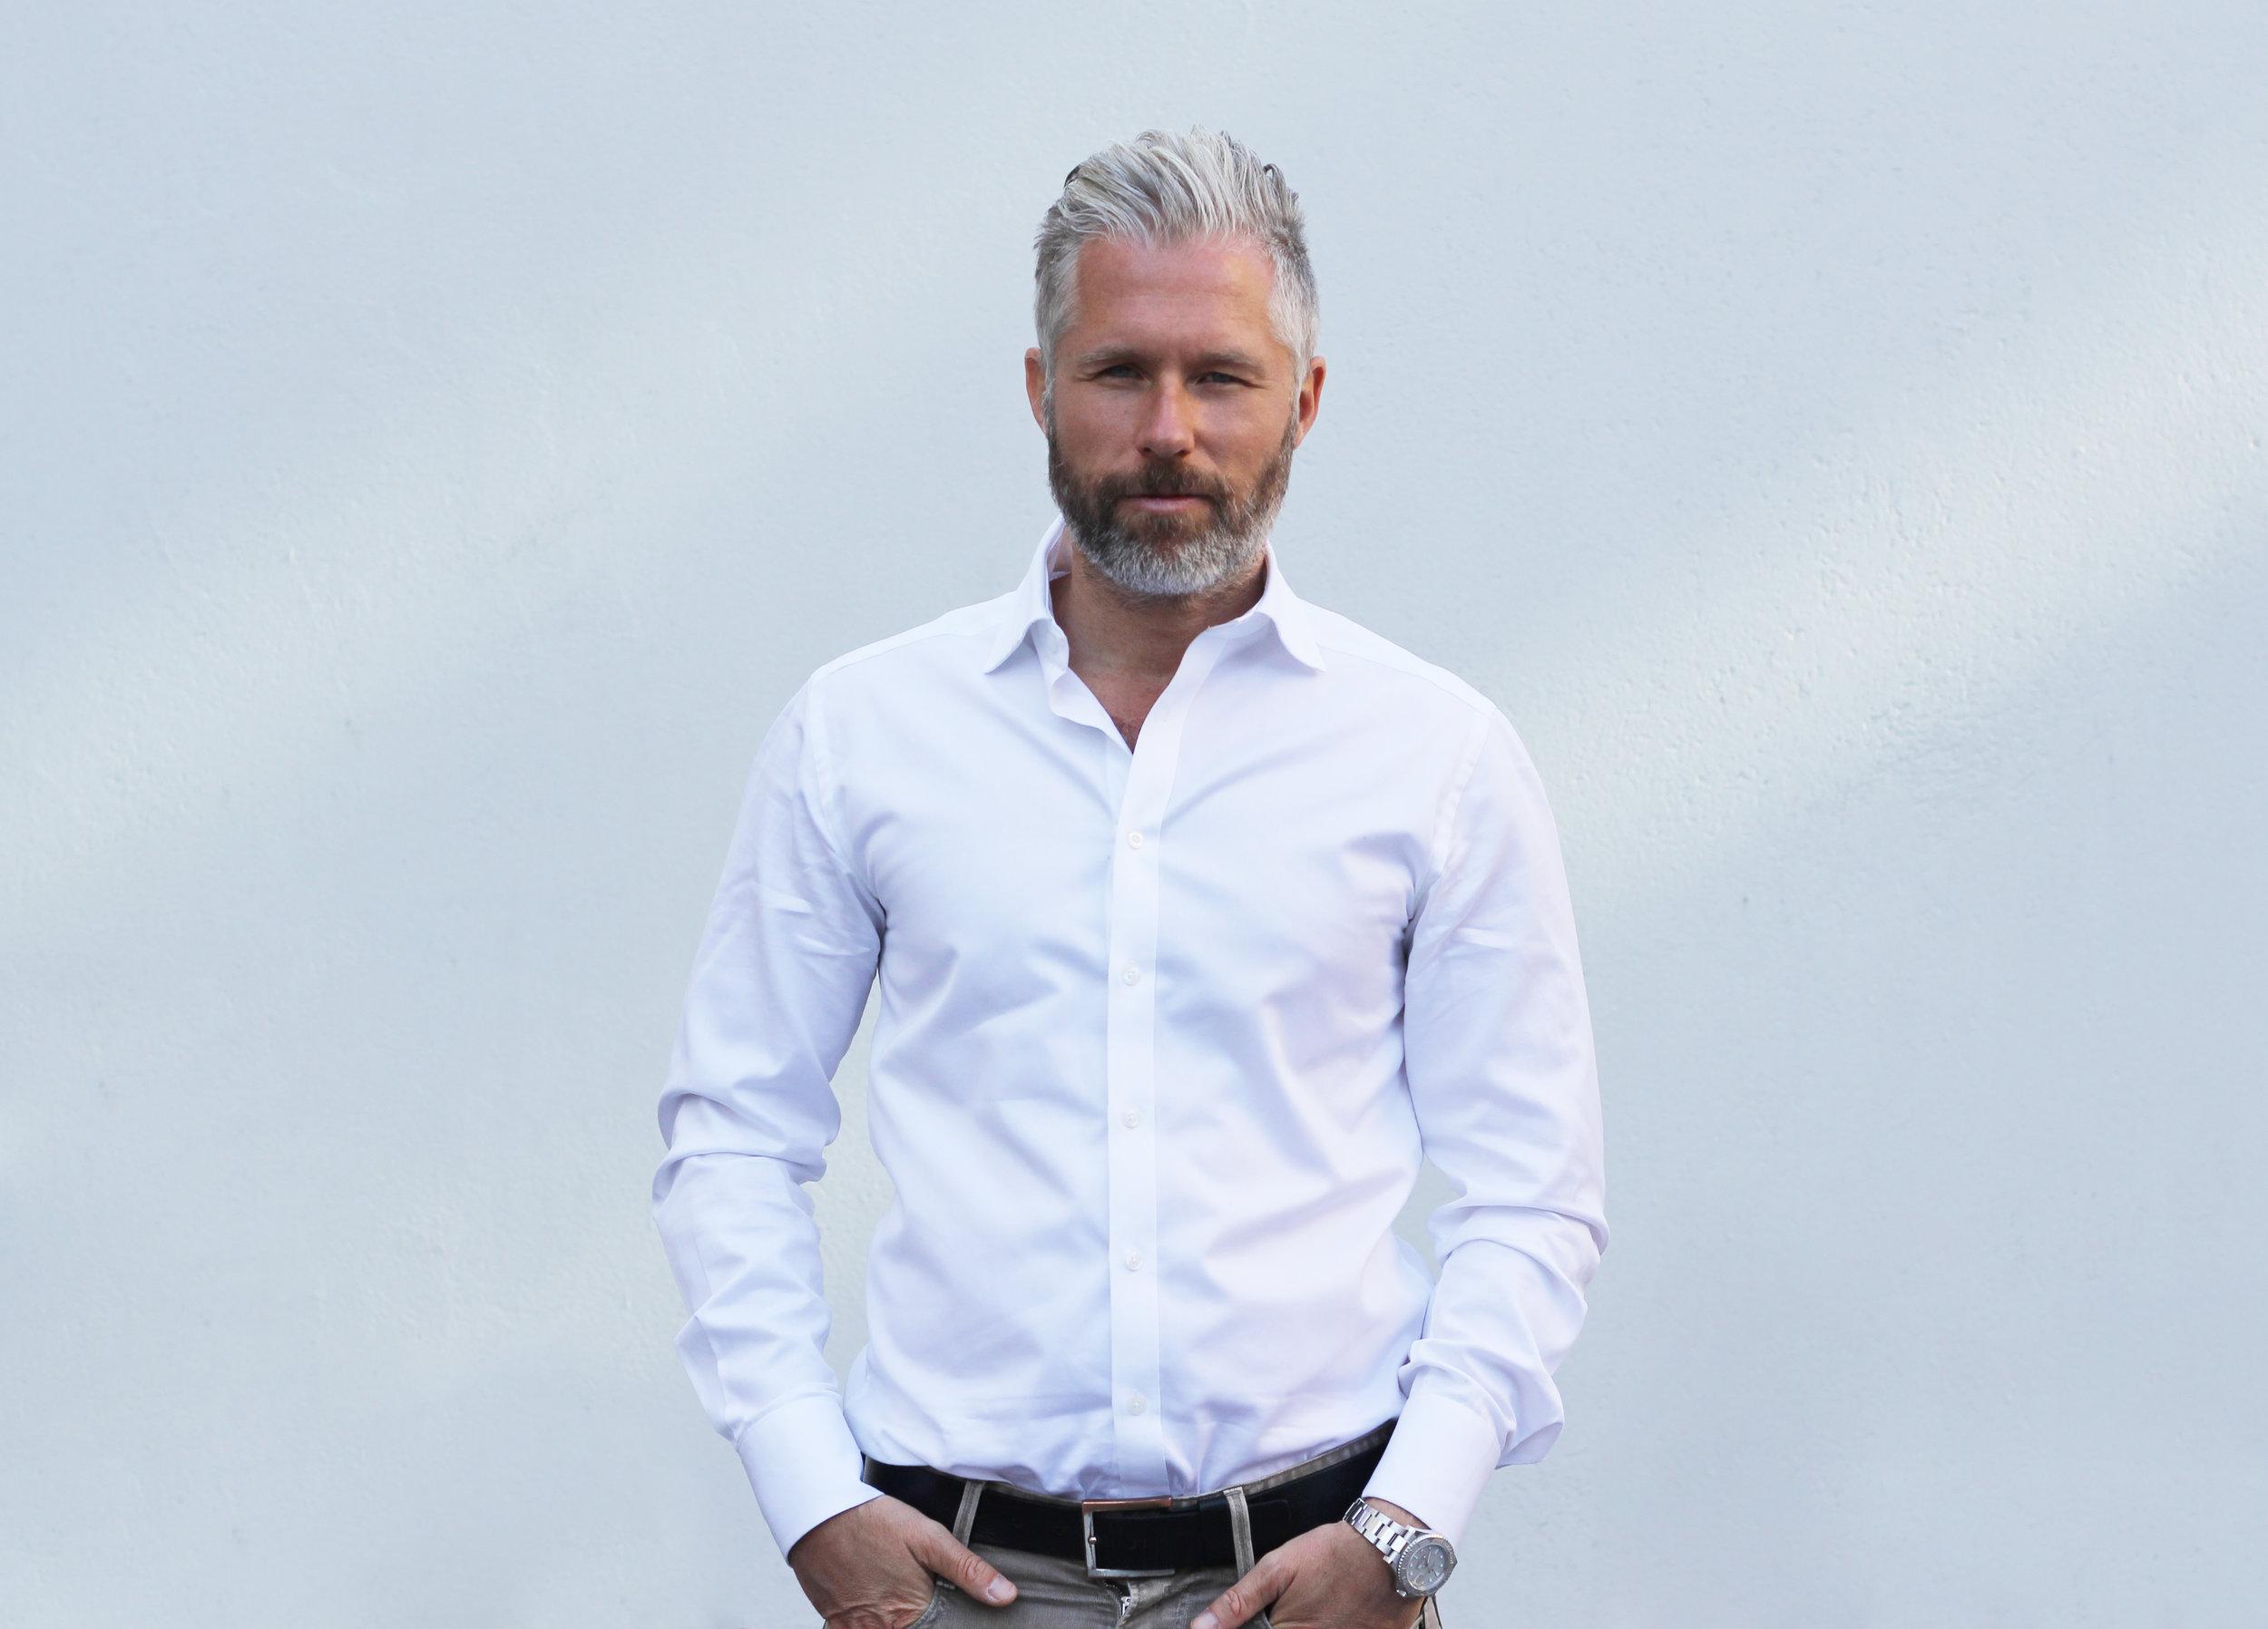 Patrik Wincent författare Shop til you drop & VD Shoppingakuten